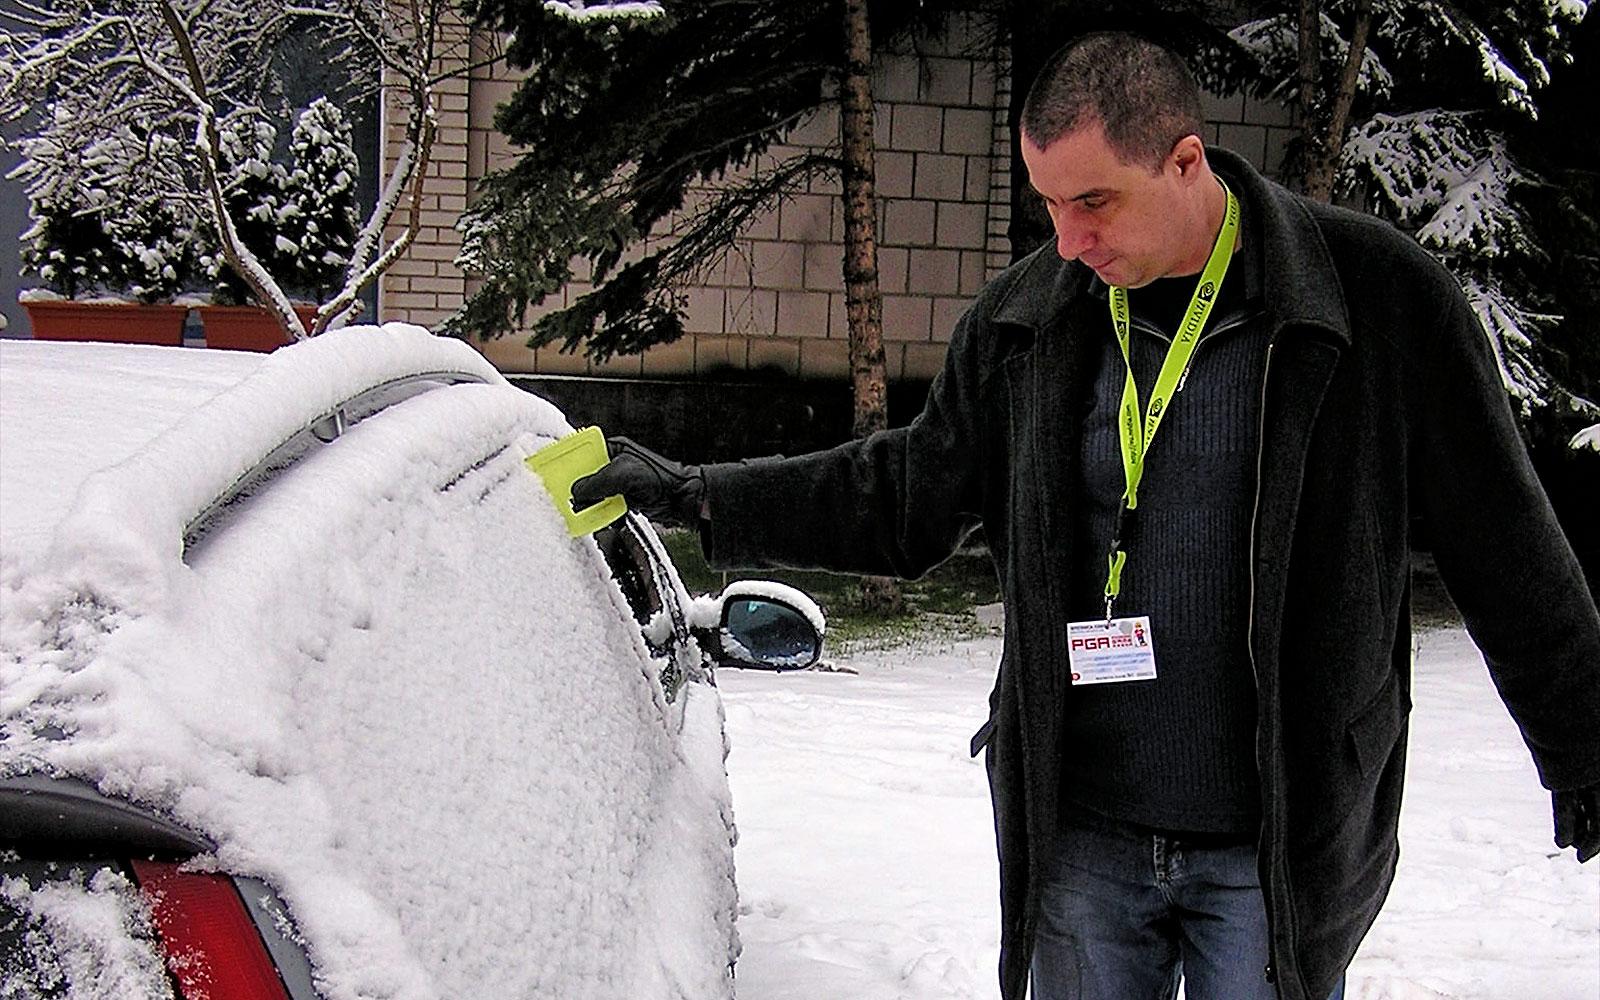 режим зимней эксплуатации авто